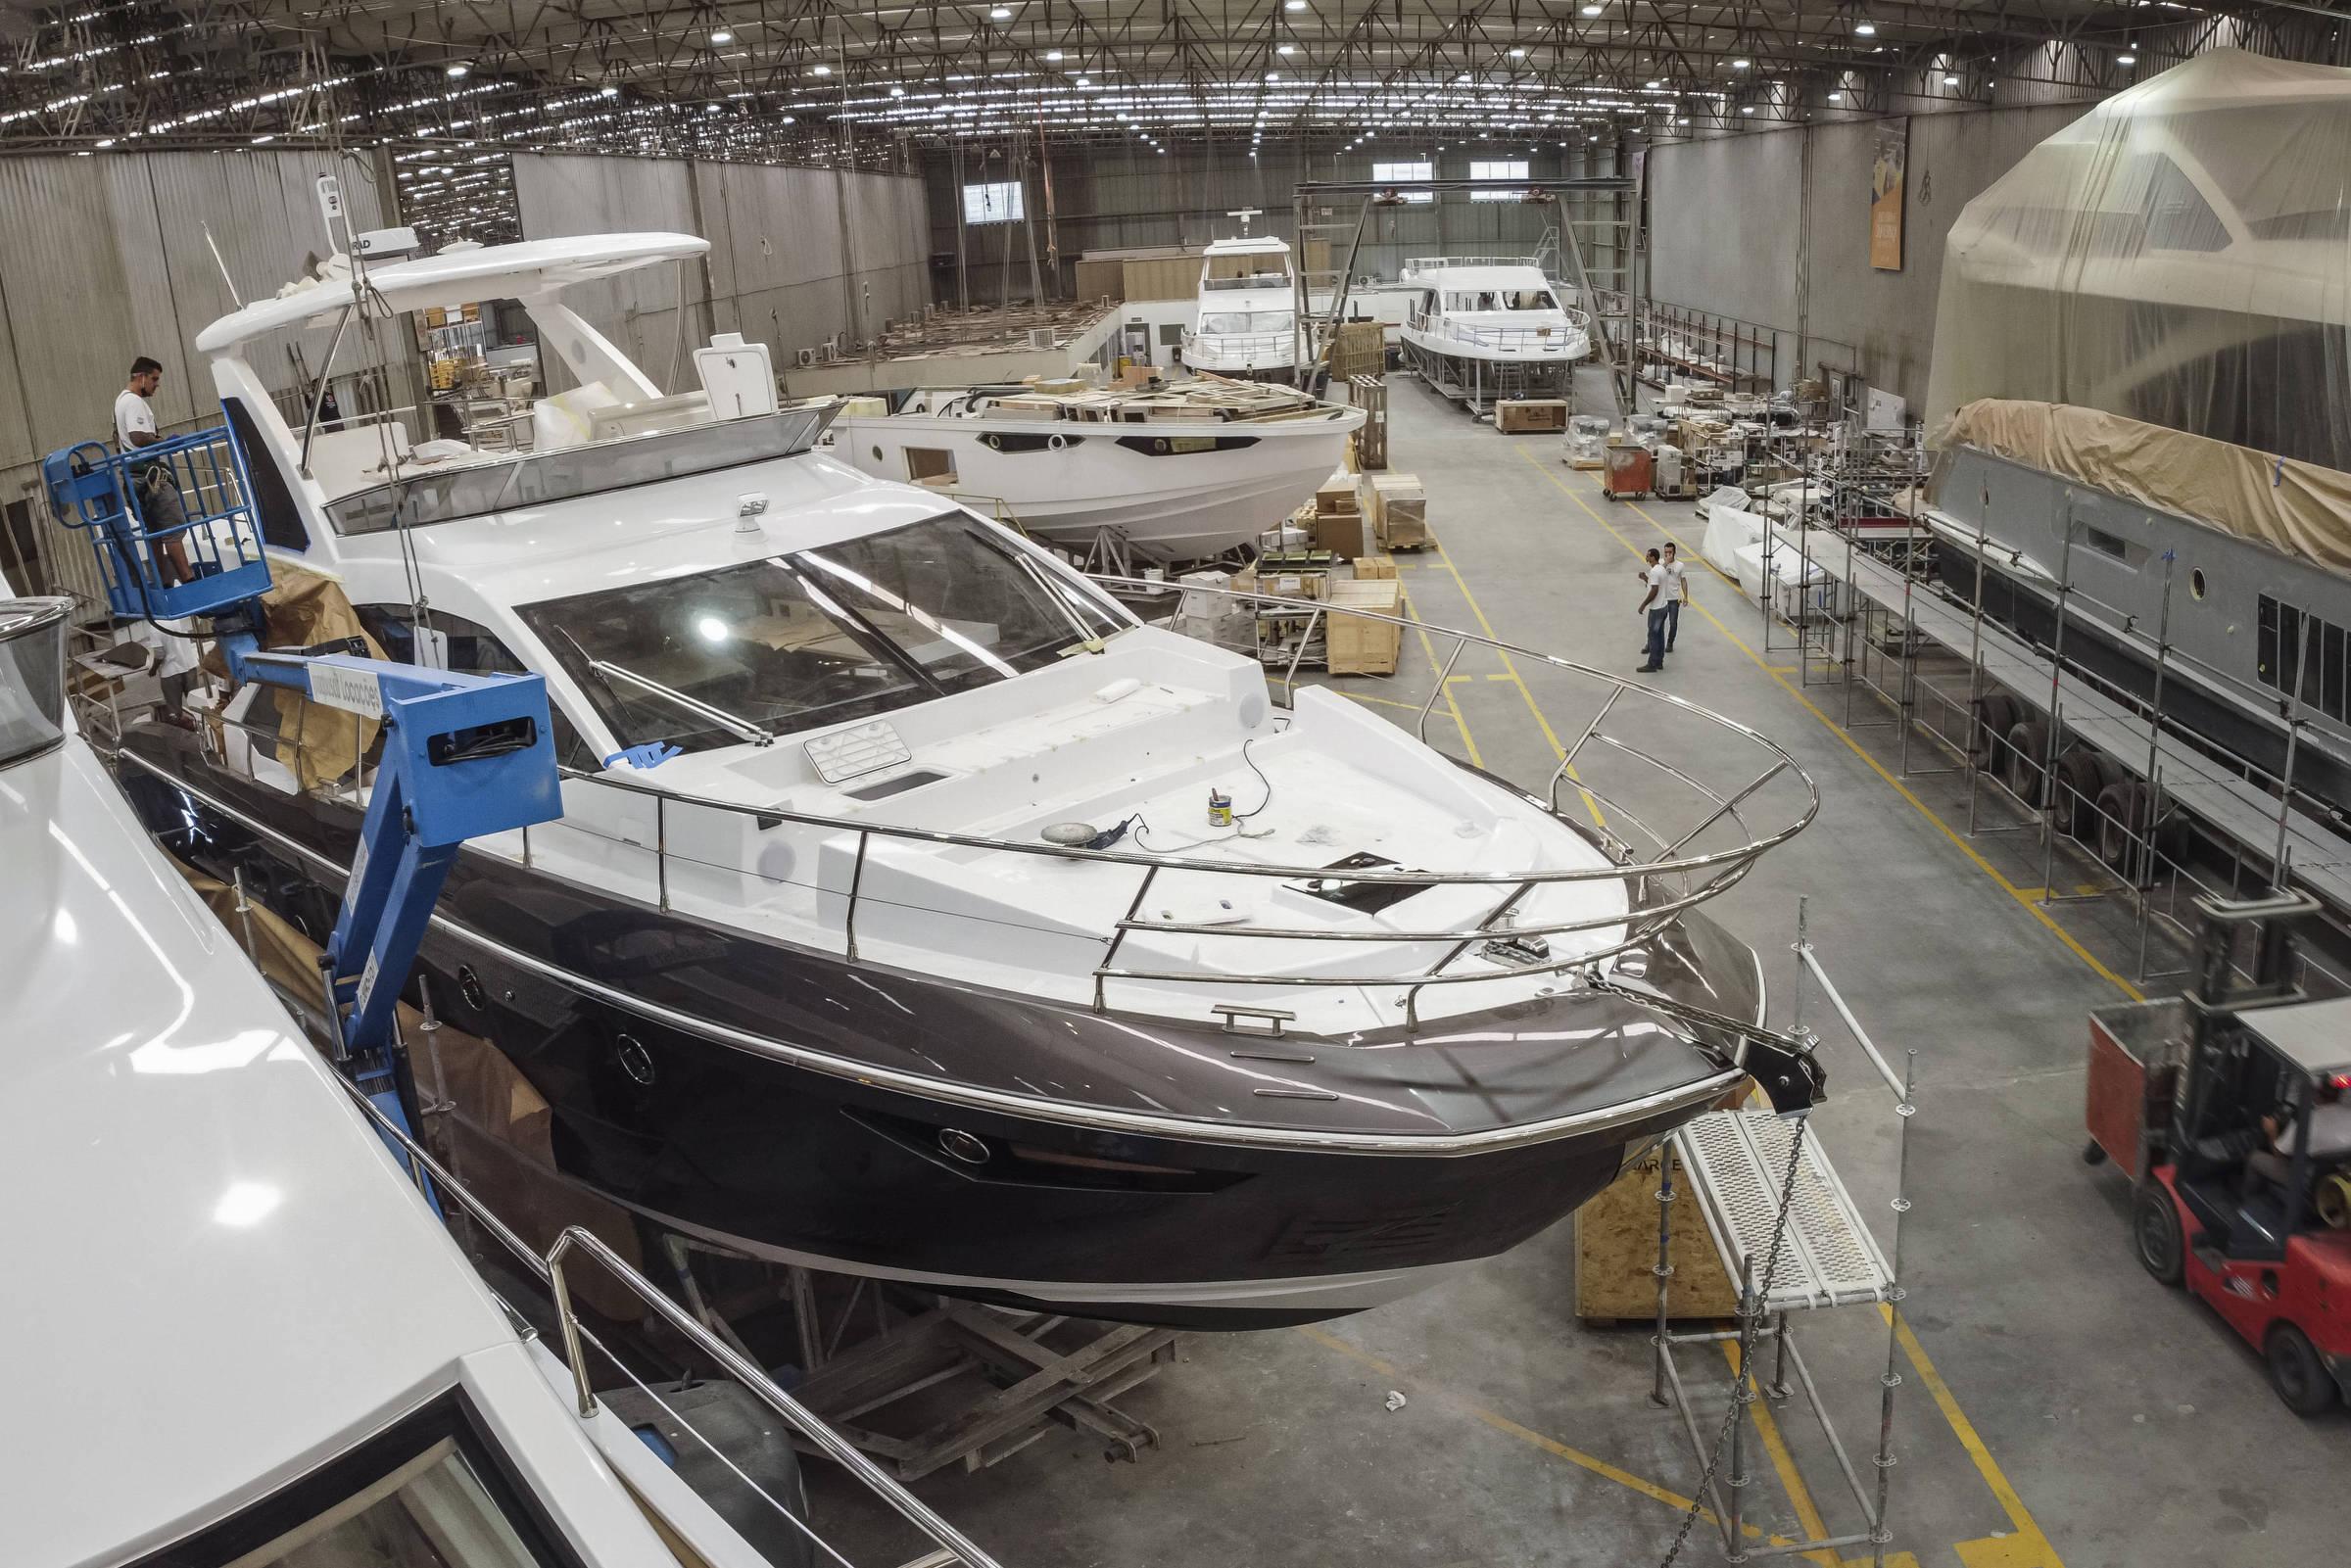 Fábrica de iate de luxo tem resultado recorde e vê alta na procura por barco de US$ 10 milhões